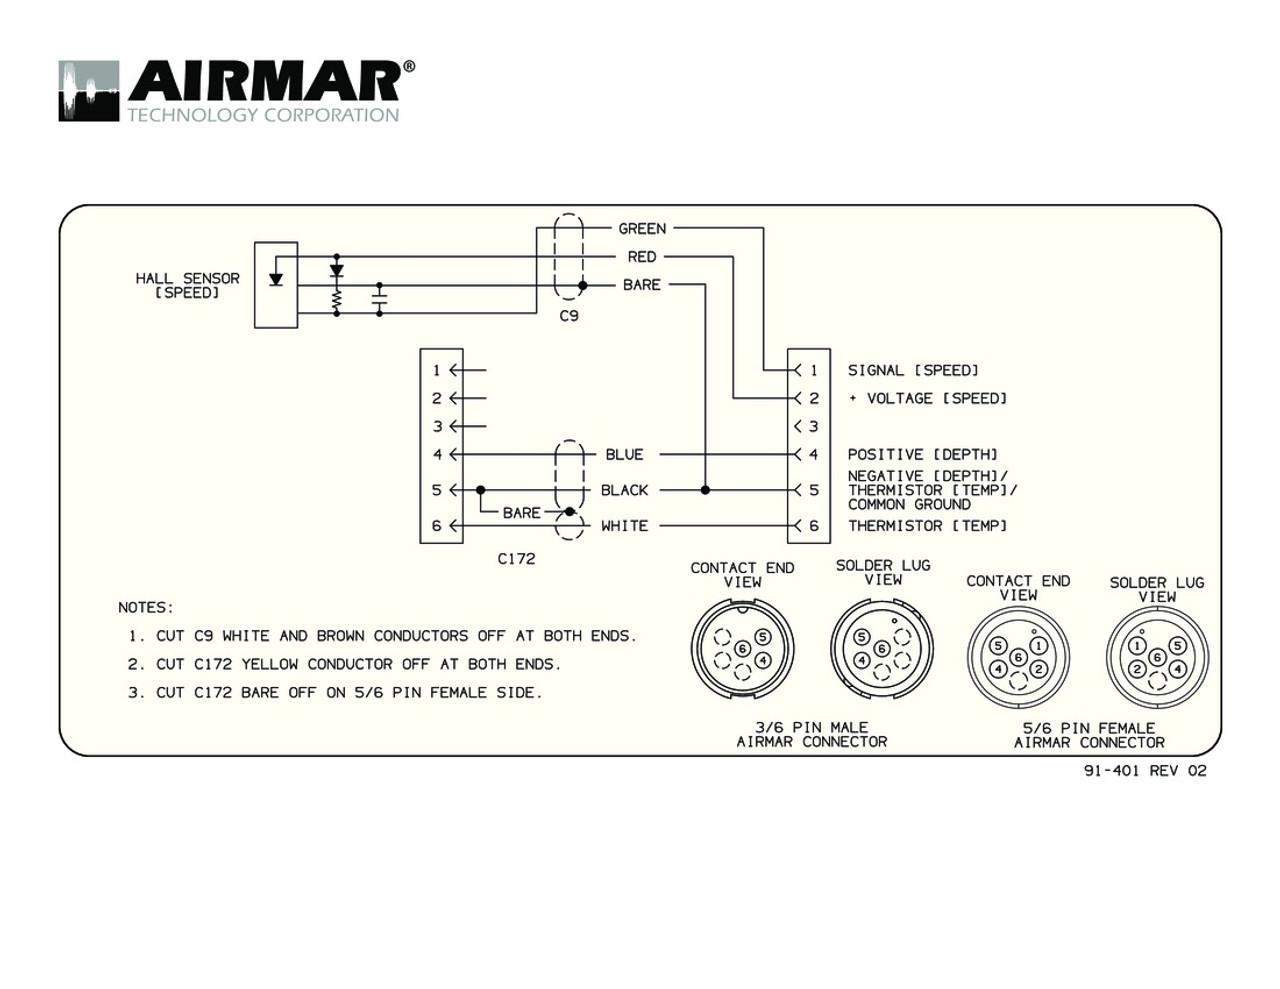 garmin transducer wiring diagram 4 pin wiring diagram dat airmar wiring diagram garmin 6 pin  [ 1280 x 989 Pixel ]